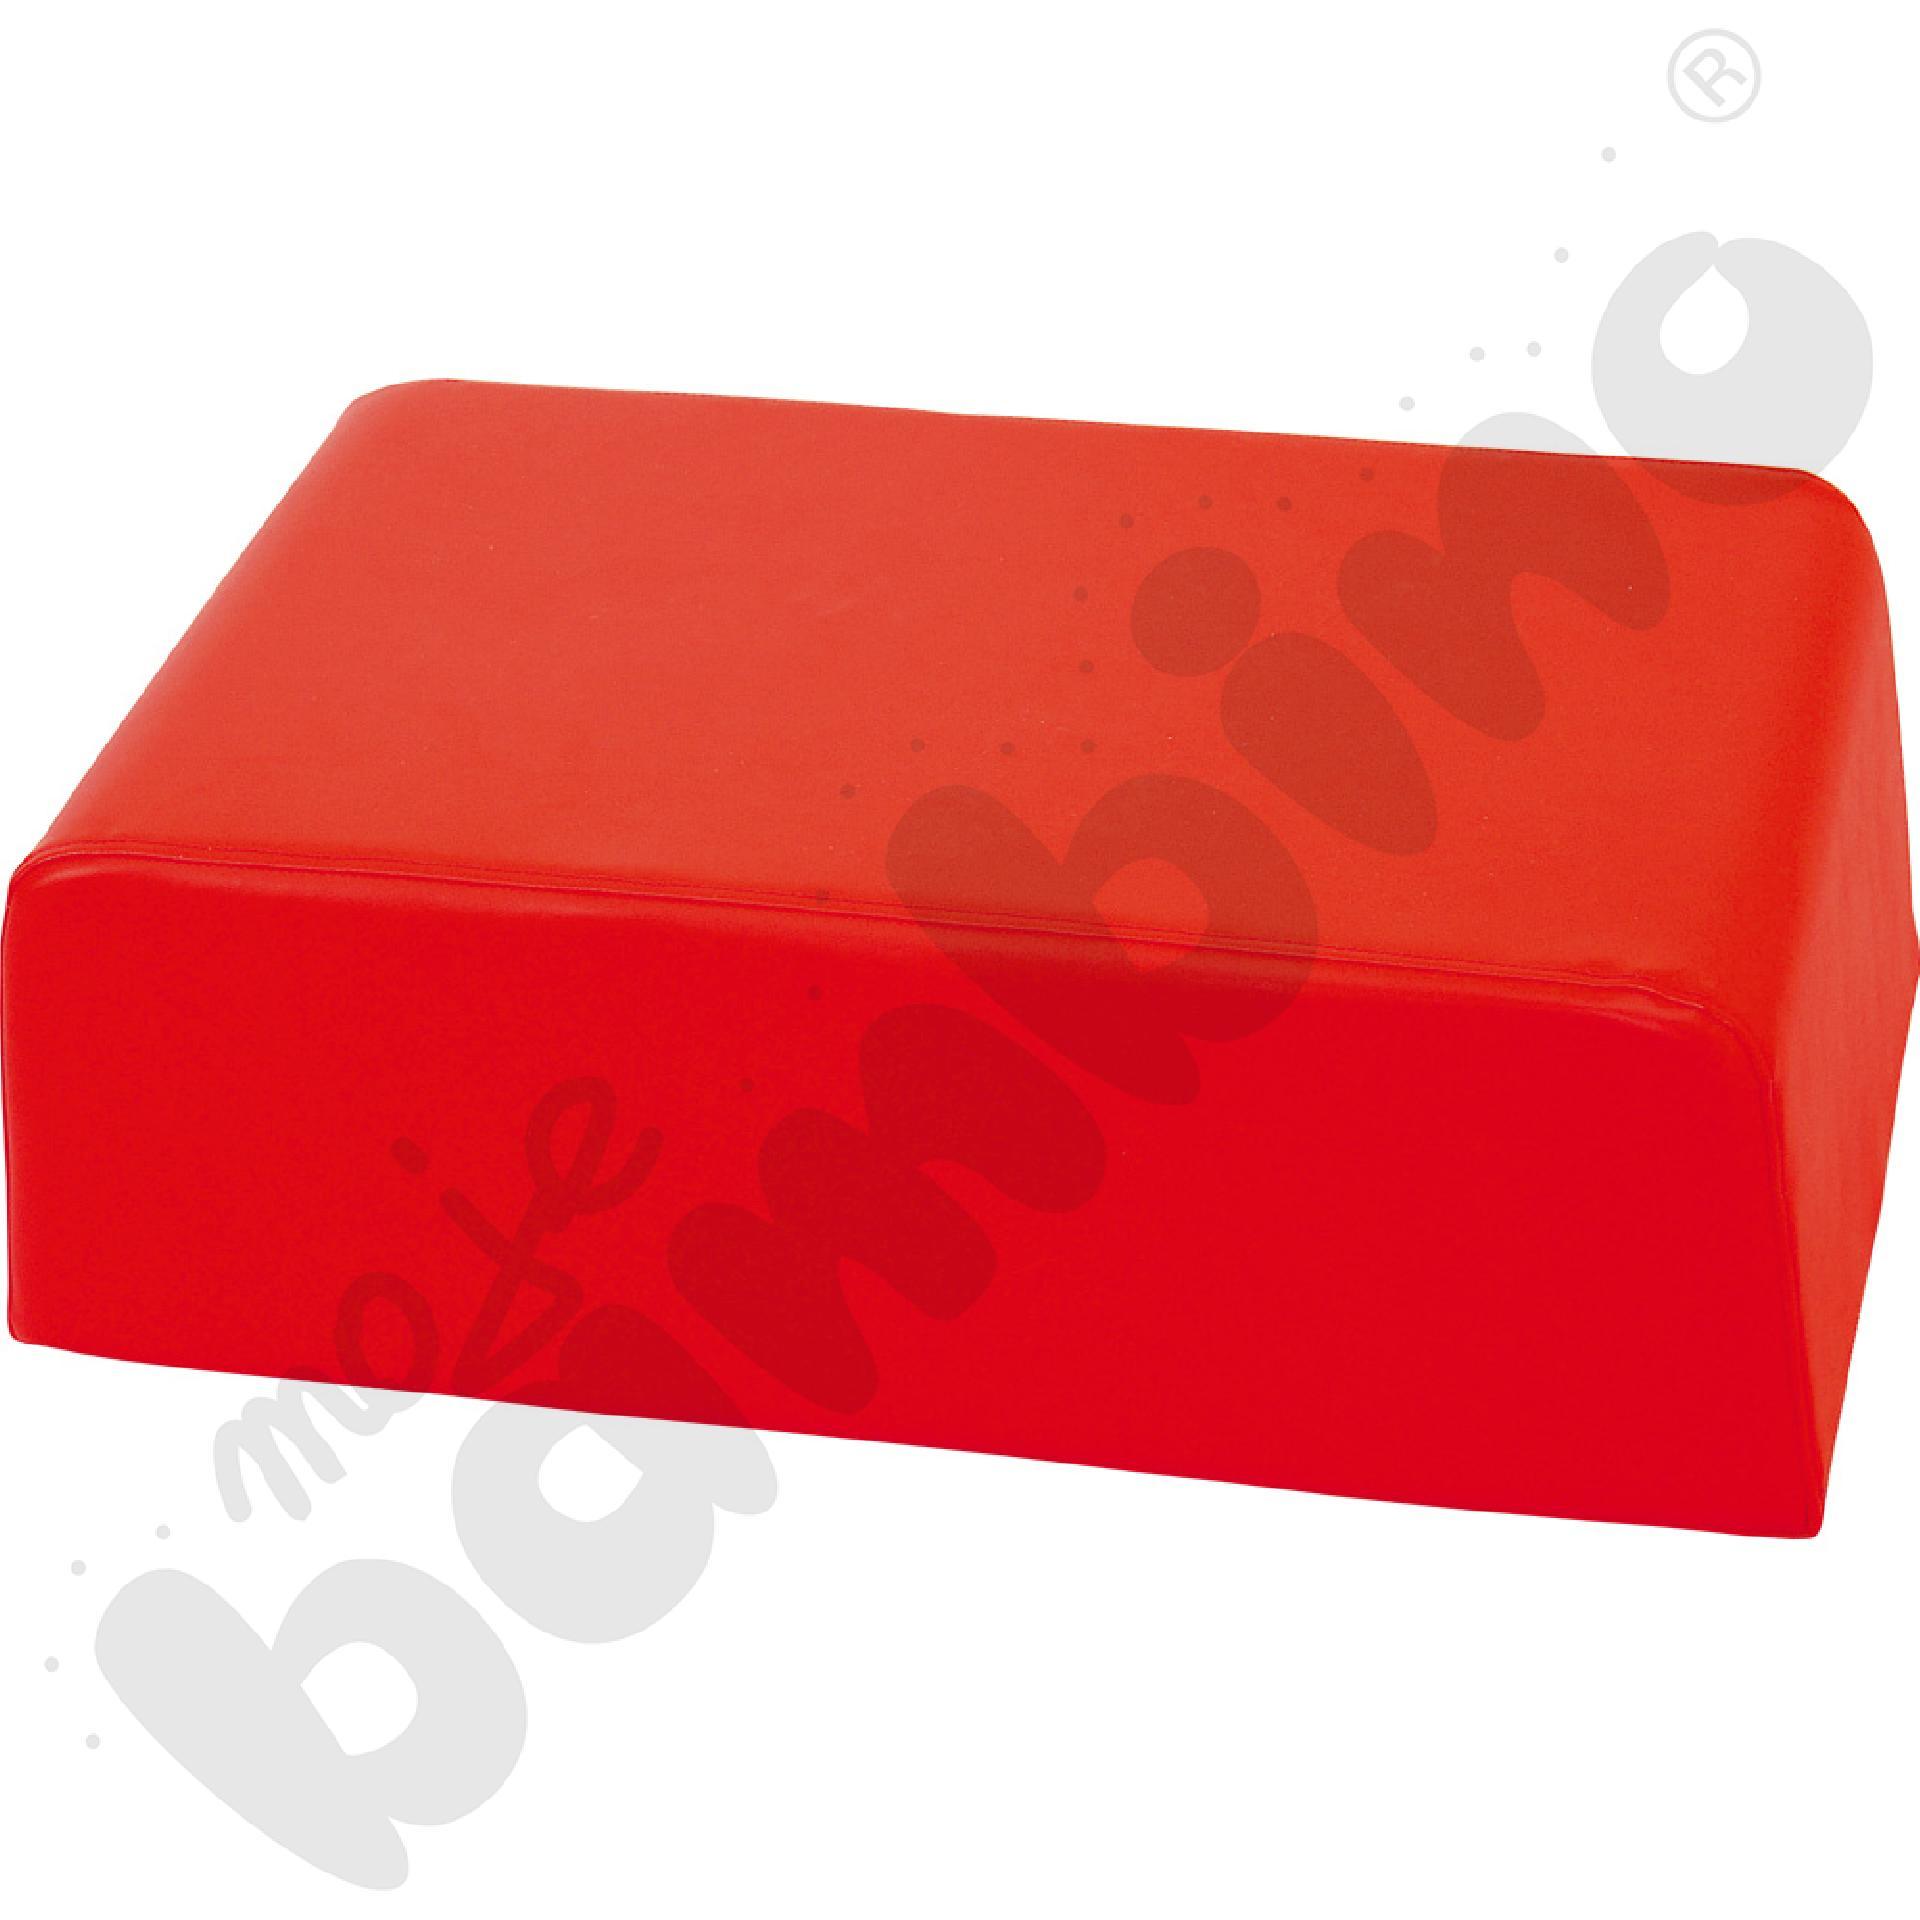 Mały miękki stolik czerwony